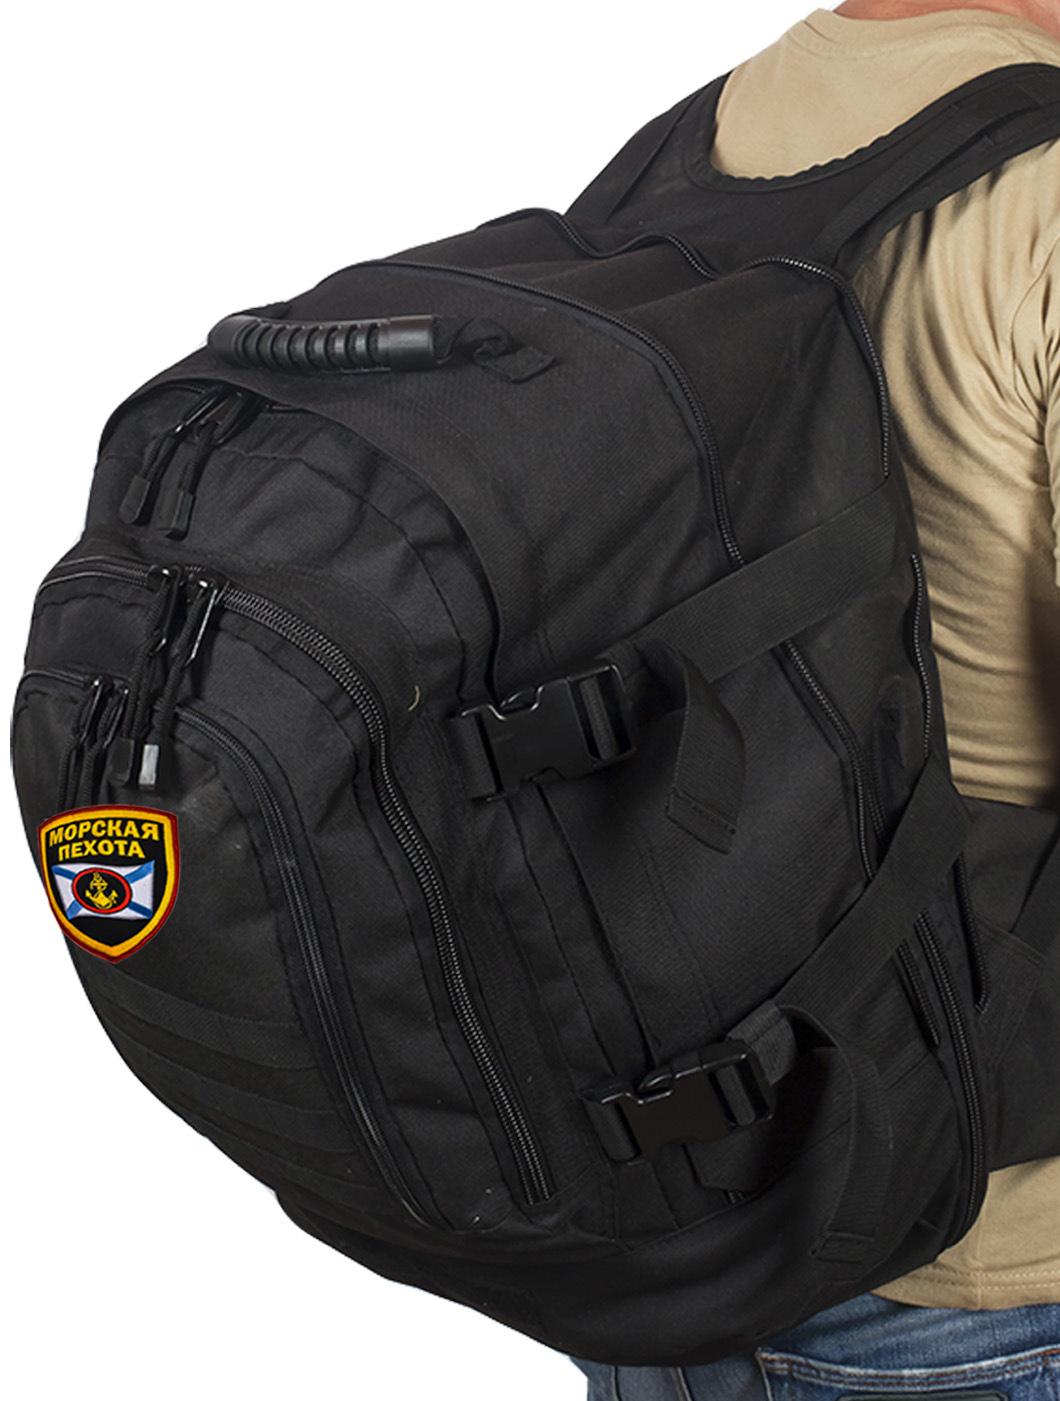 Купить в военторге ранец морской пехоты